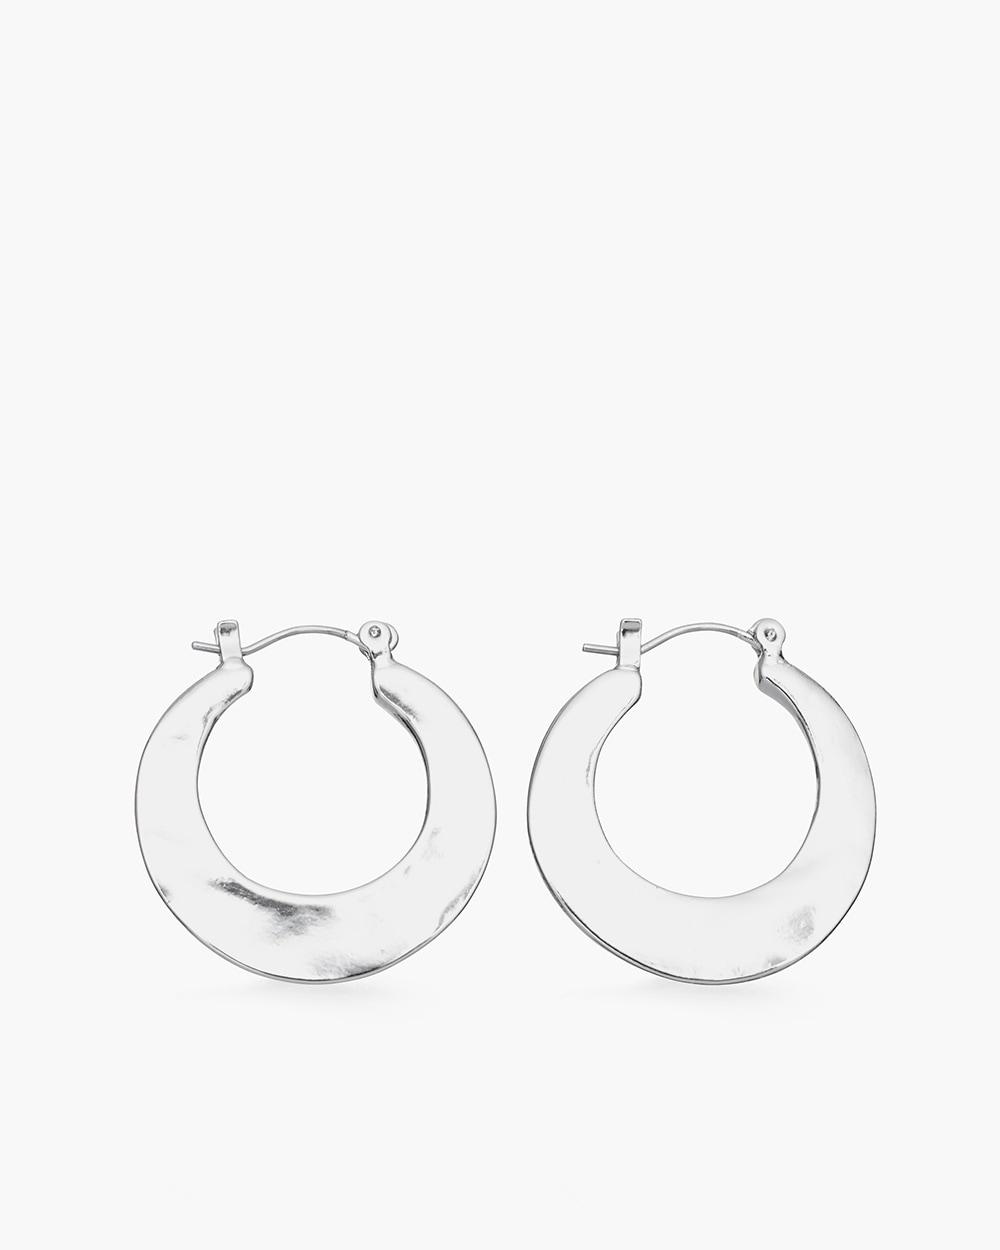 Hammered Silver Tone Hoop Earrings